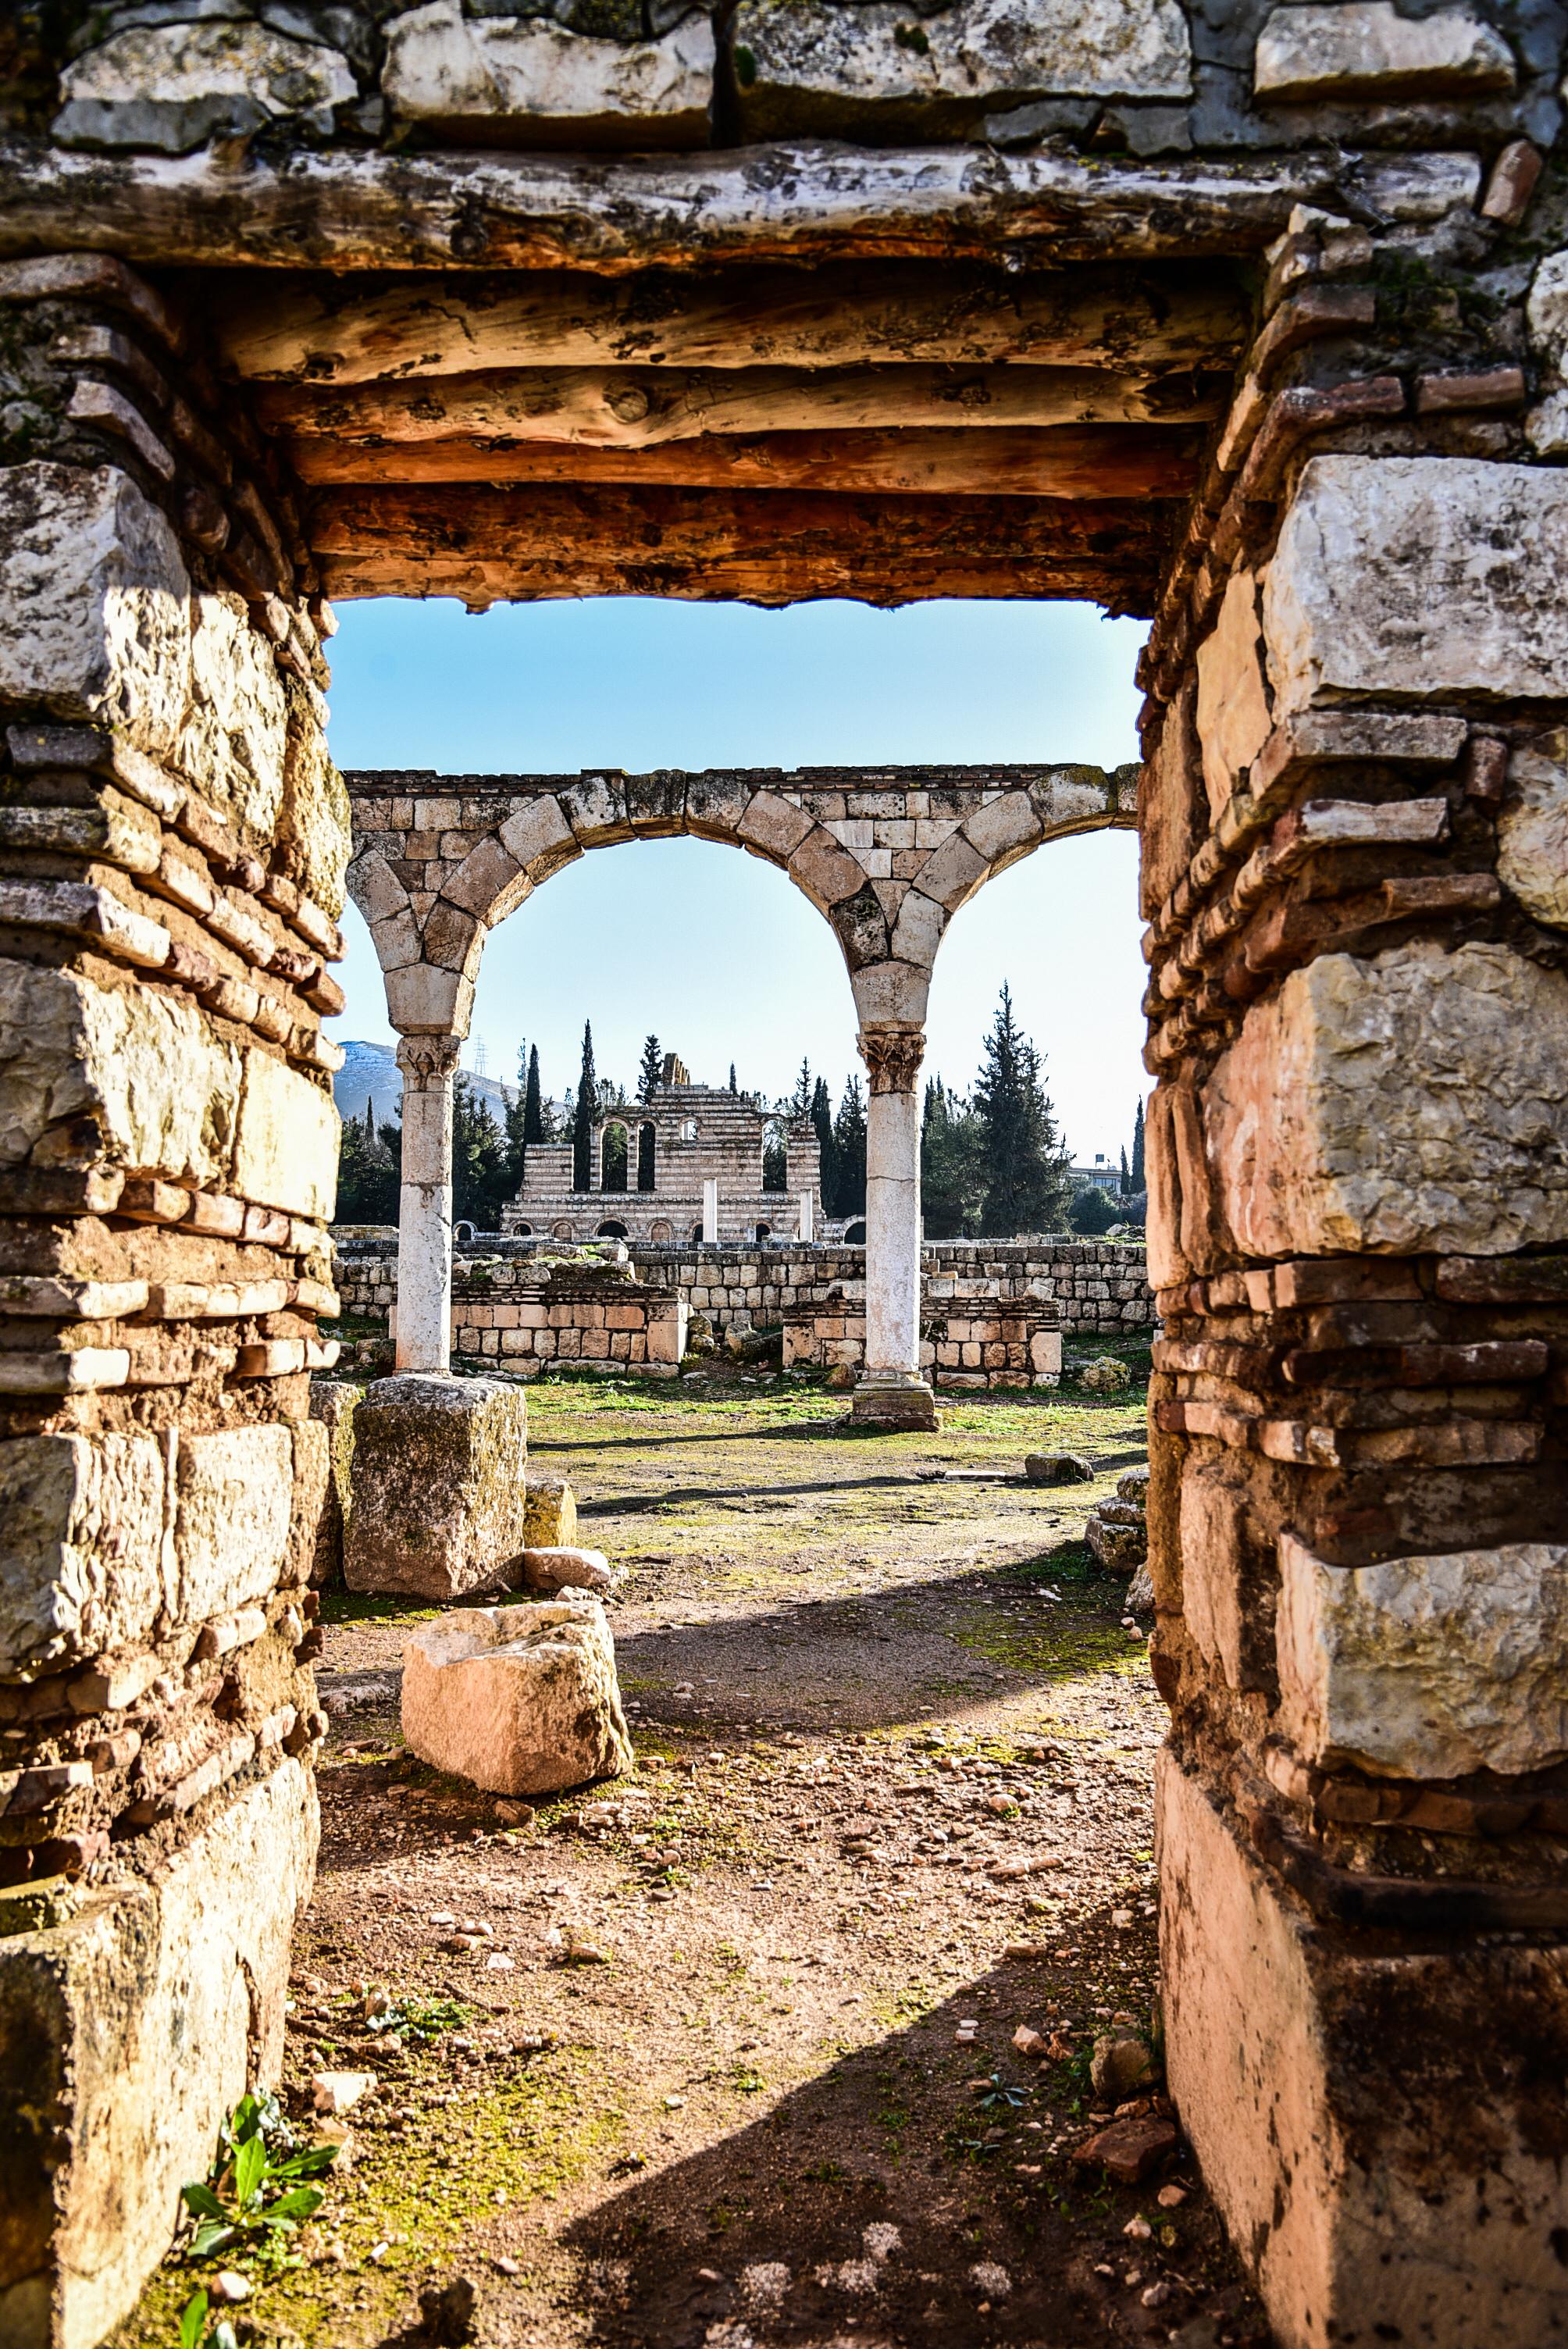 Anjar, sulla strada che collega Damasco in Syria e Beirut: un centro archeologico di notevole importanza.